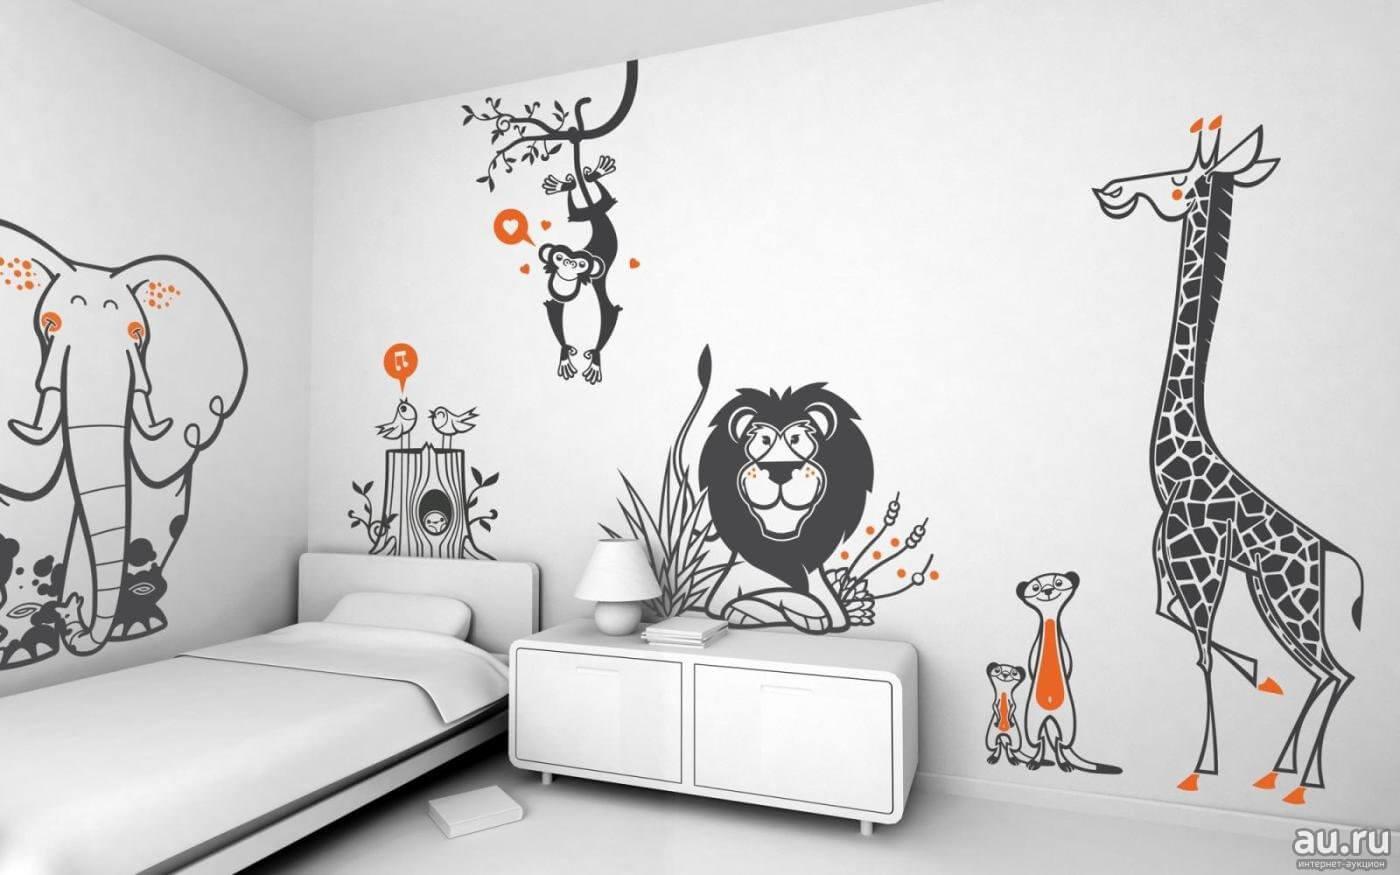 Прикольные картинки на стене нарисовать, форум другу